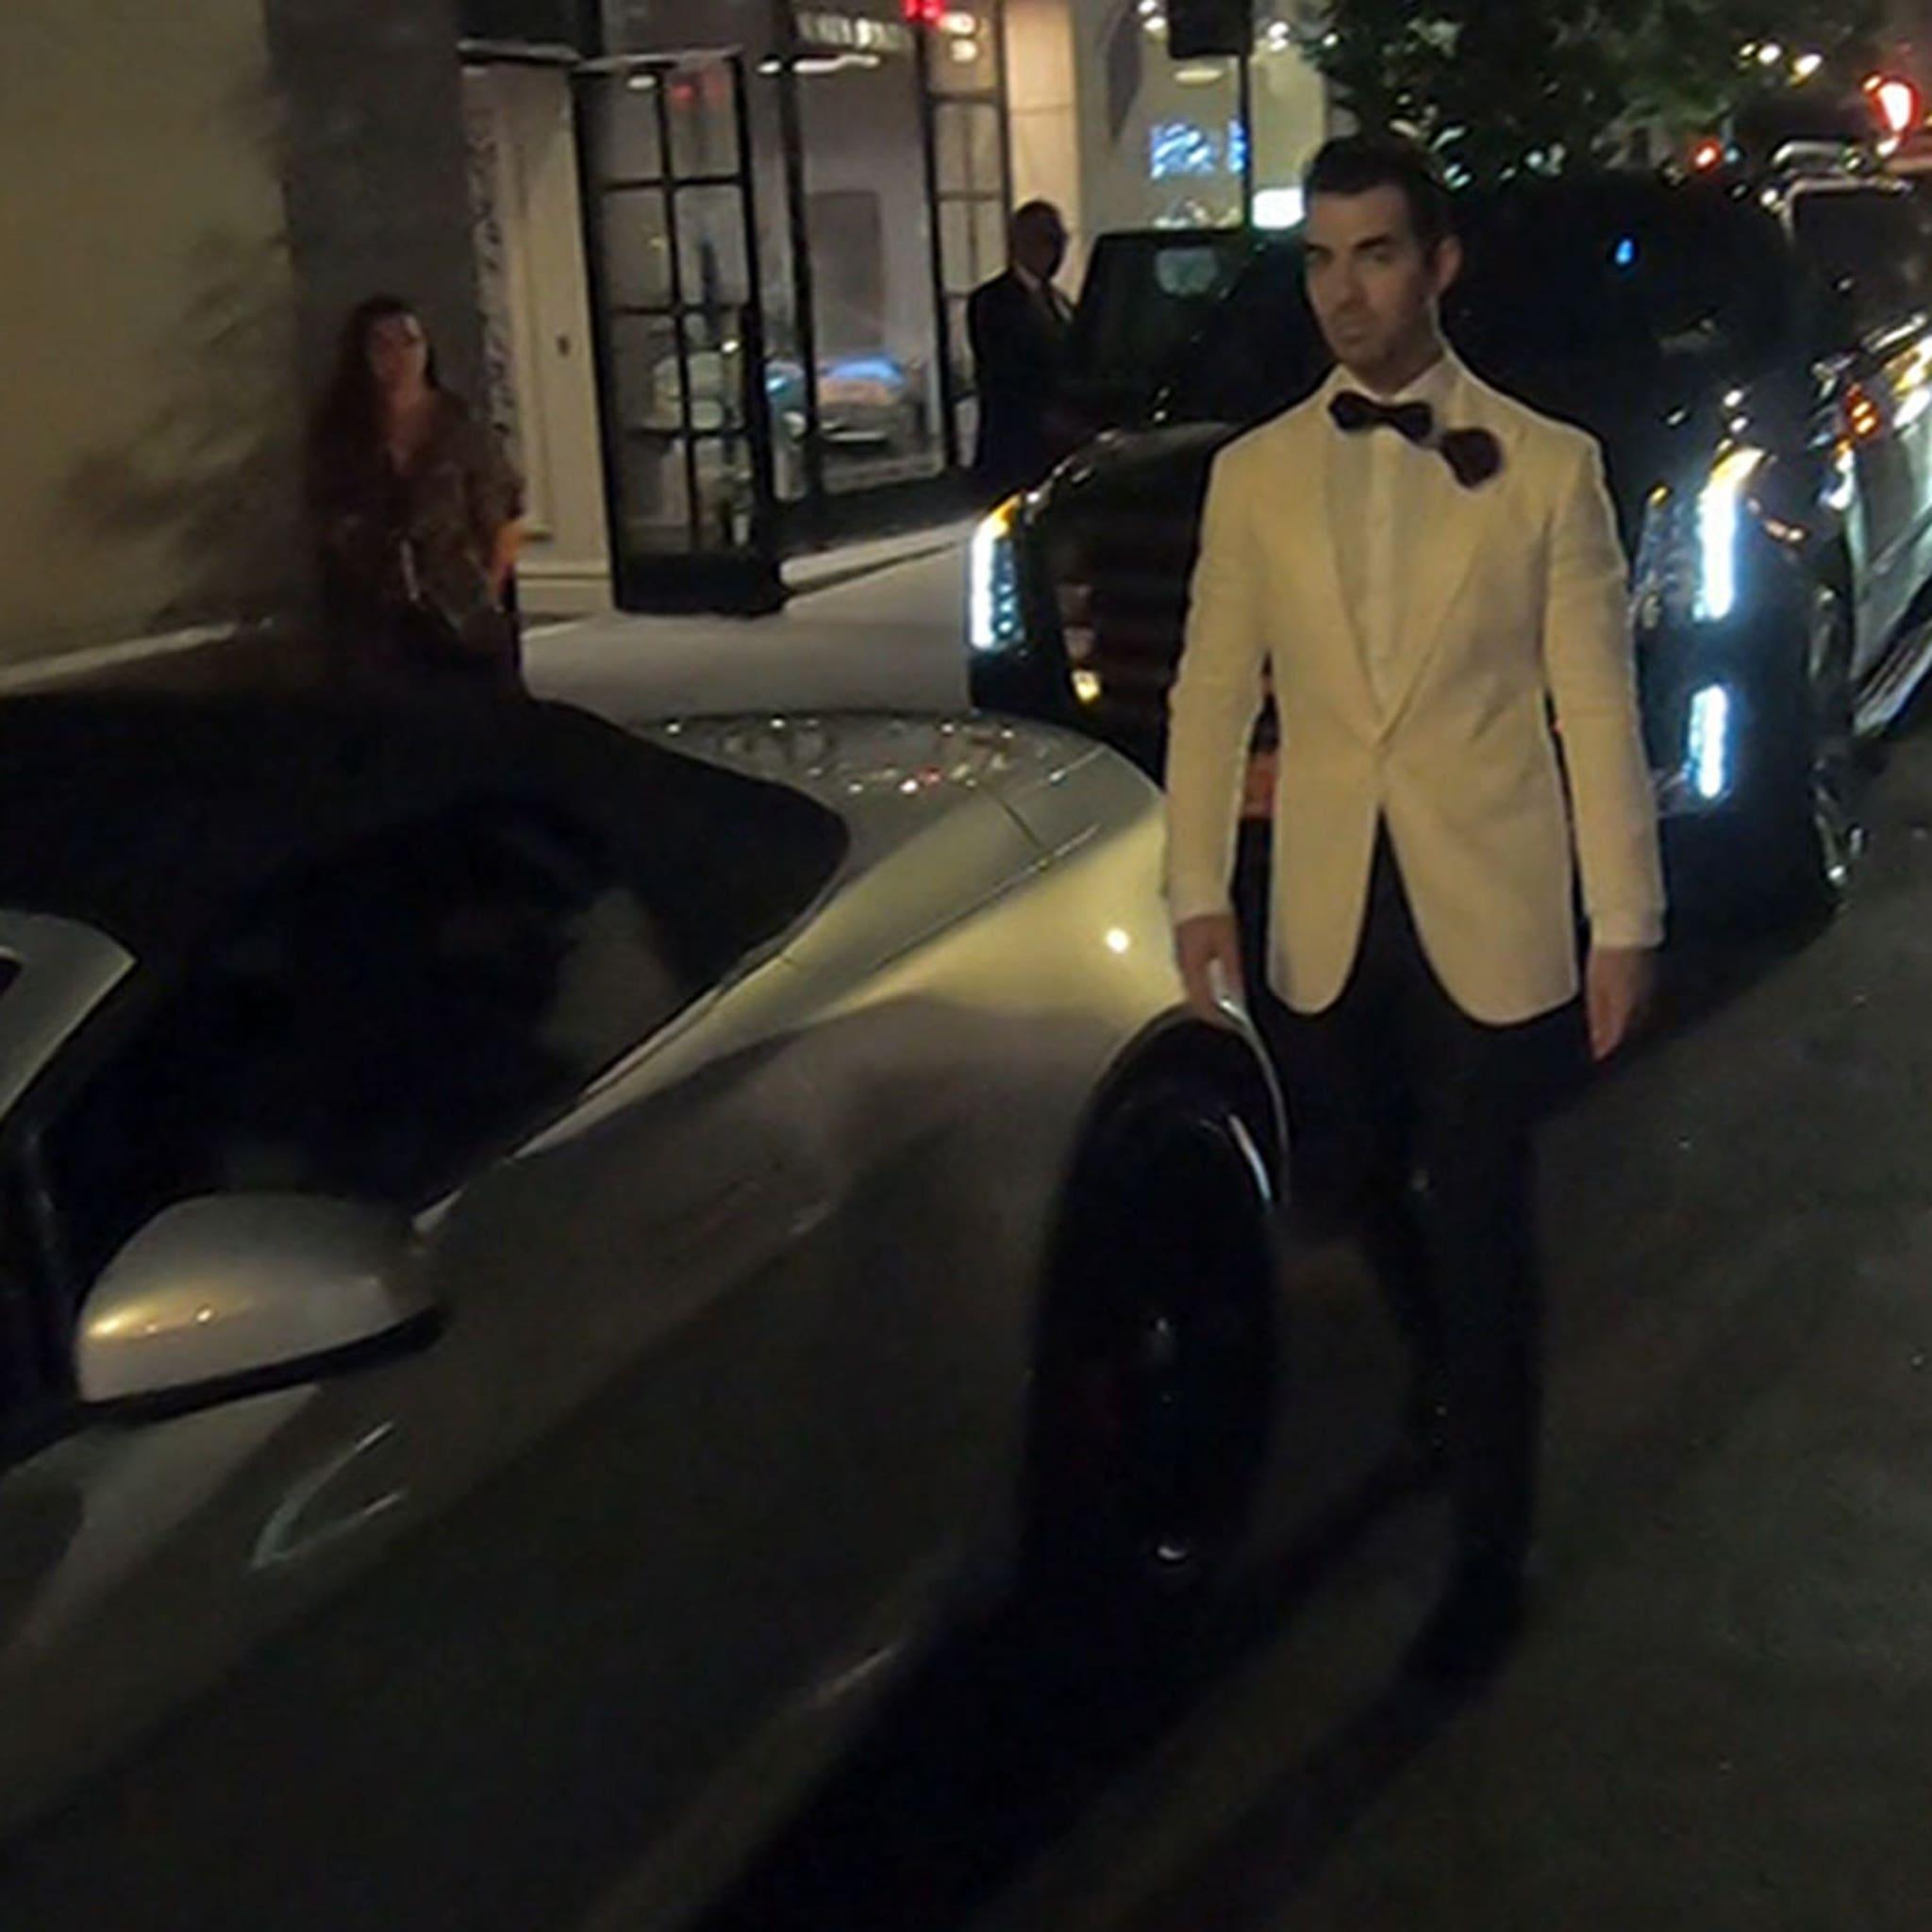 Joe Jonas Dressed as James Bond for His 30th Birthday